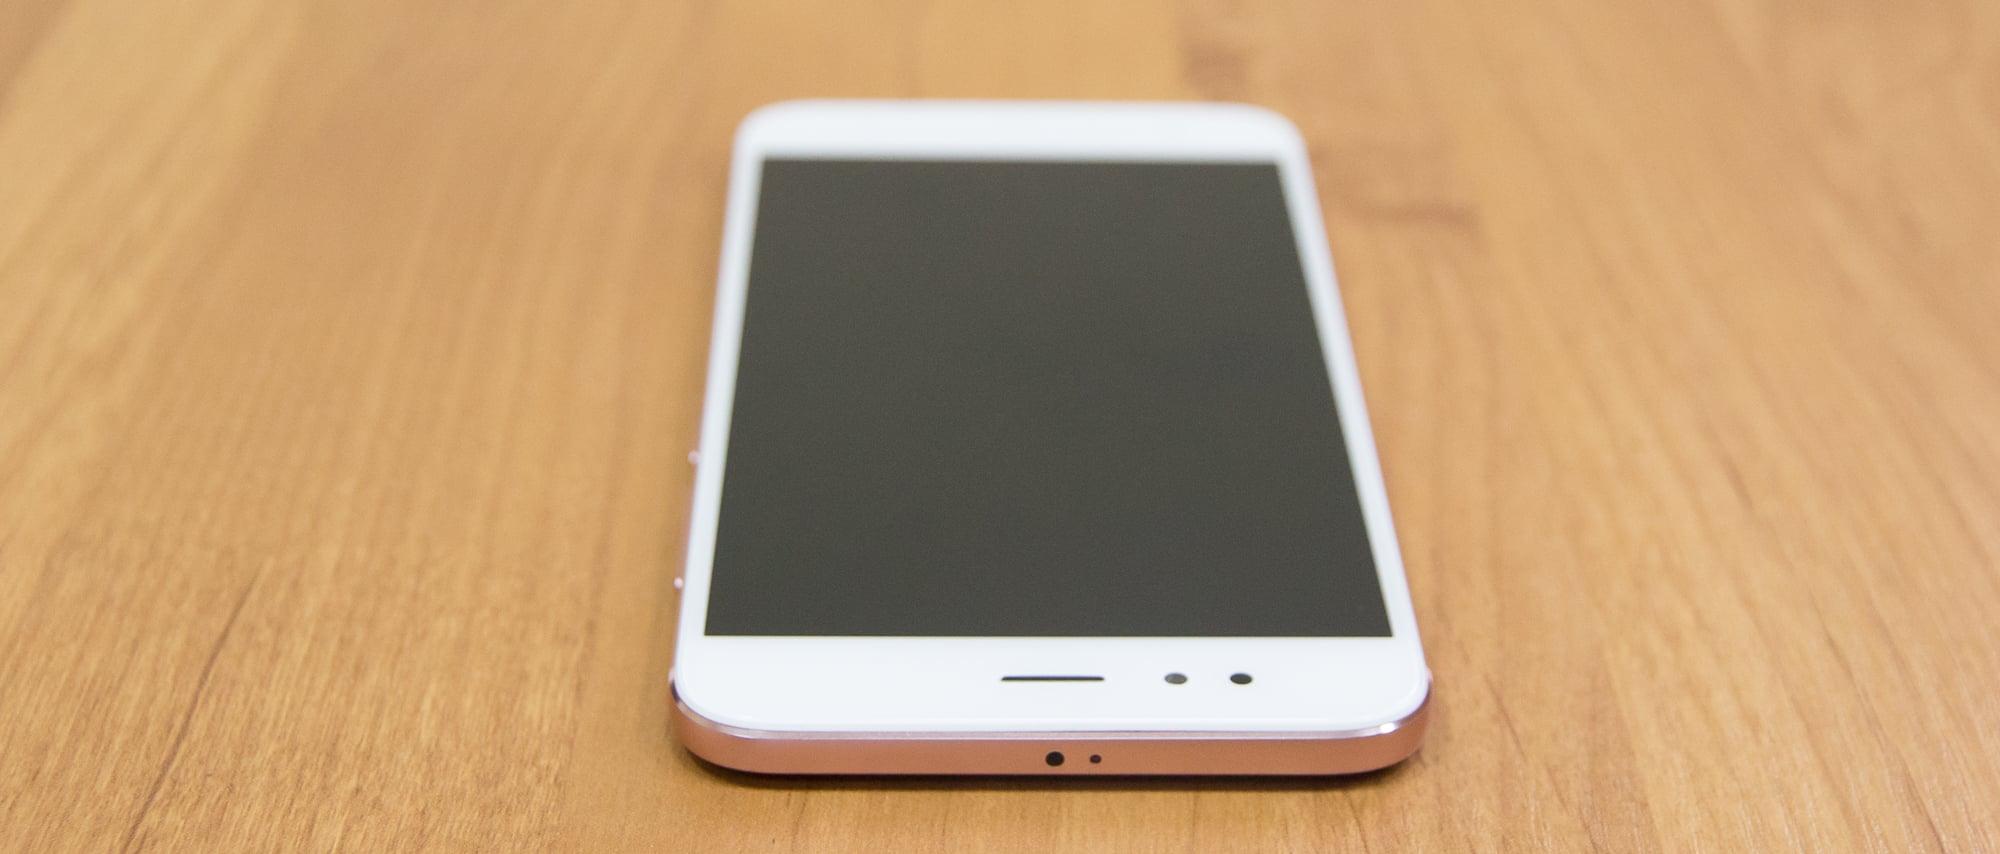 Обзор недорогого смартфона с хорошей для этой цены камерой. Изучаем Xiaomi Mi 5X (он же A1) - 11